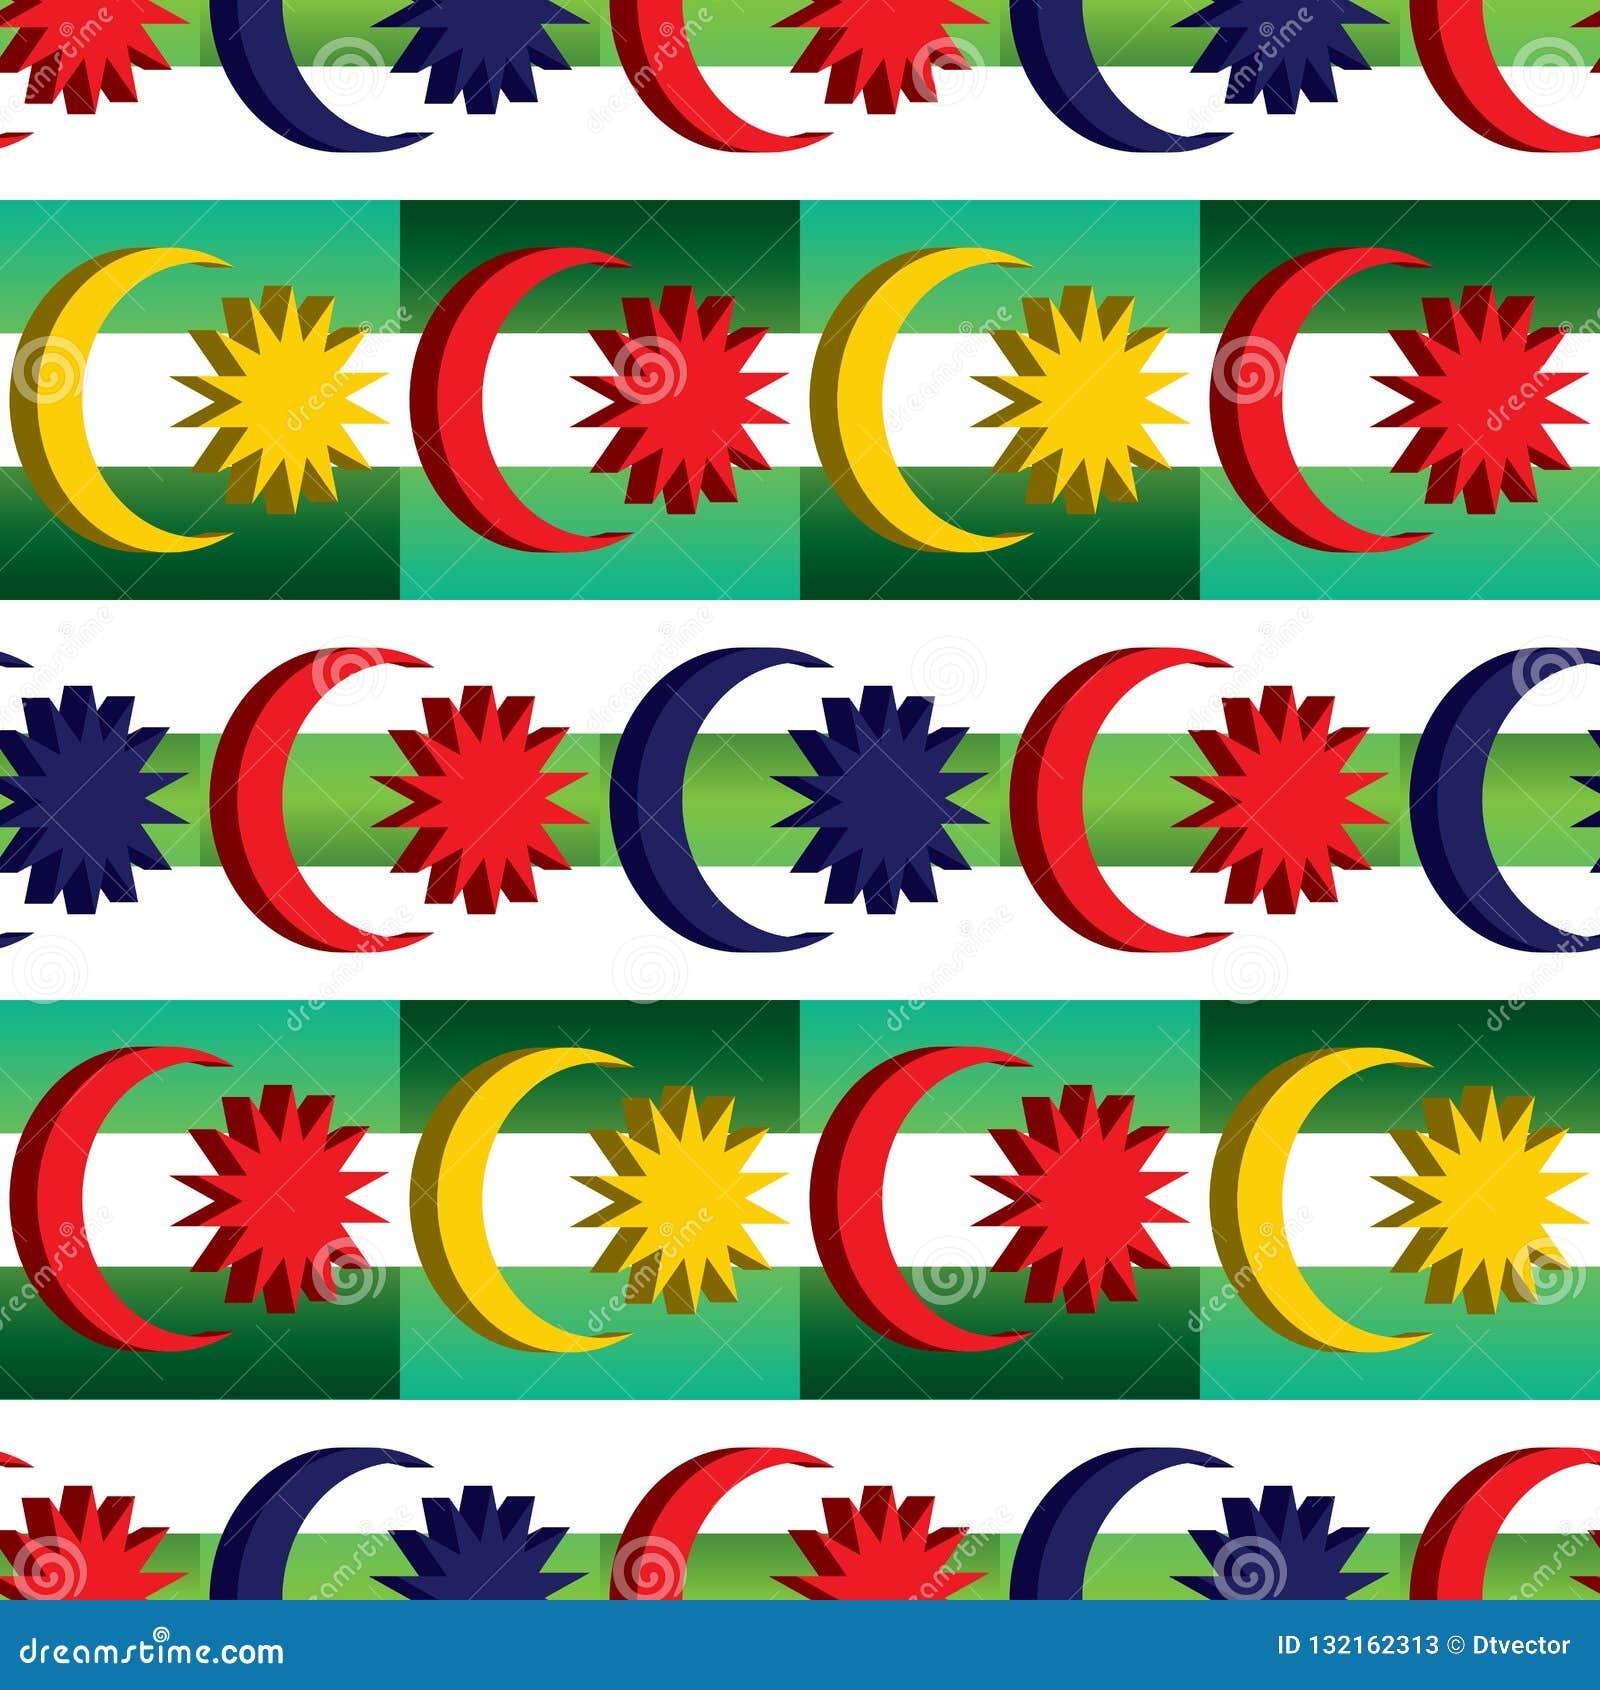 Flaggenelement 3d Malaysia kombinieren nahtloses Muster der malaysischen grünen diagonalen Farbsymmetrie